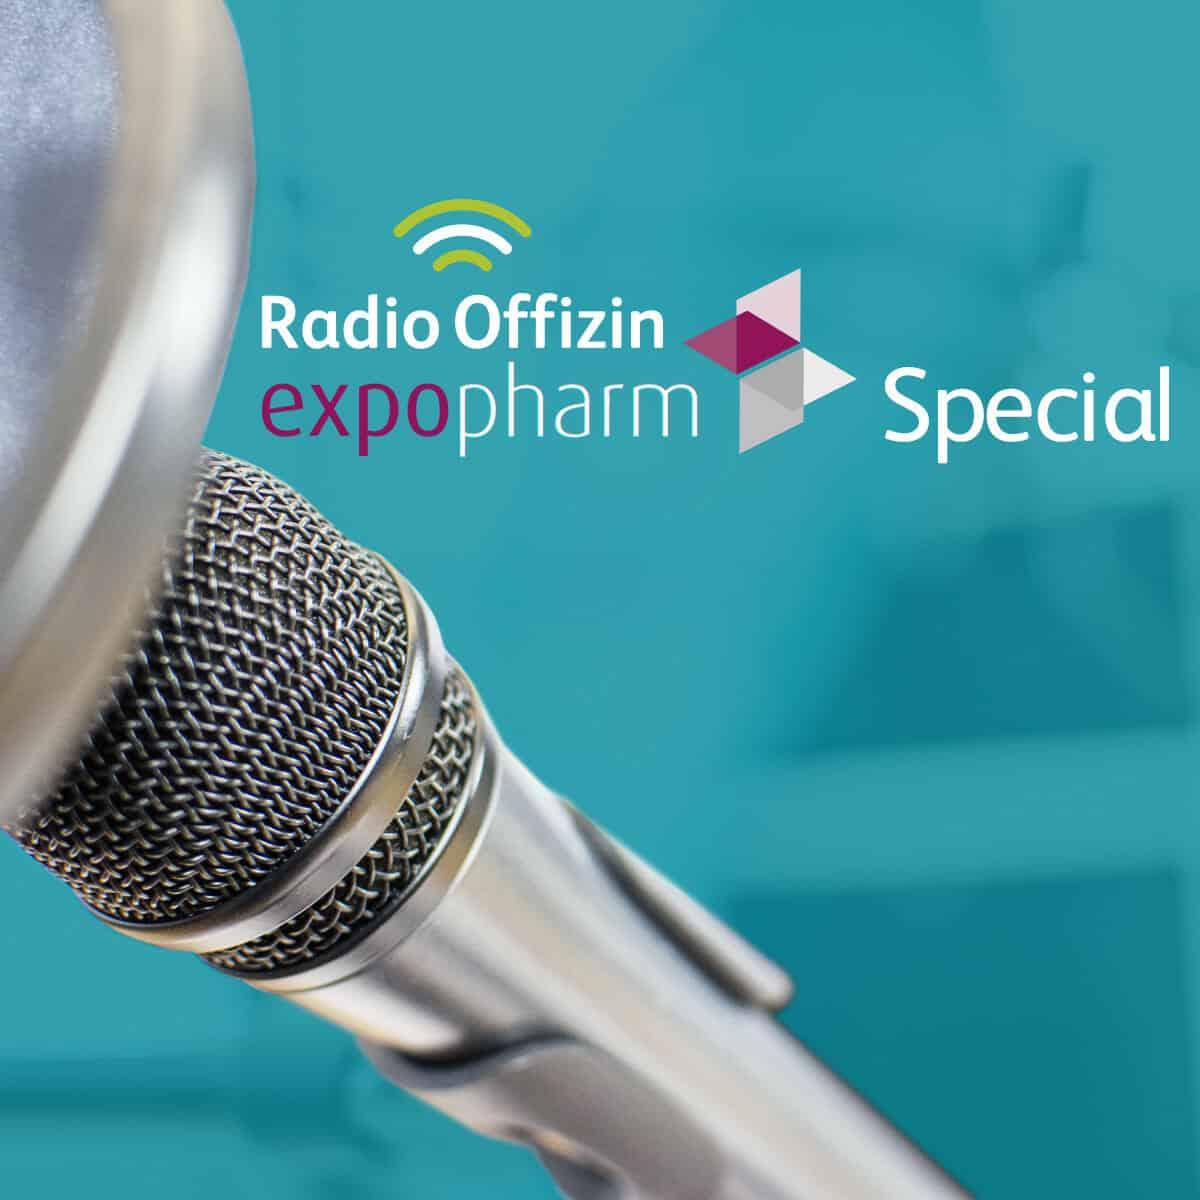 Symbolbild expopharm-Episode von Radio Offizin